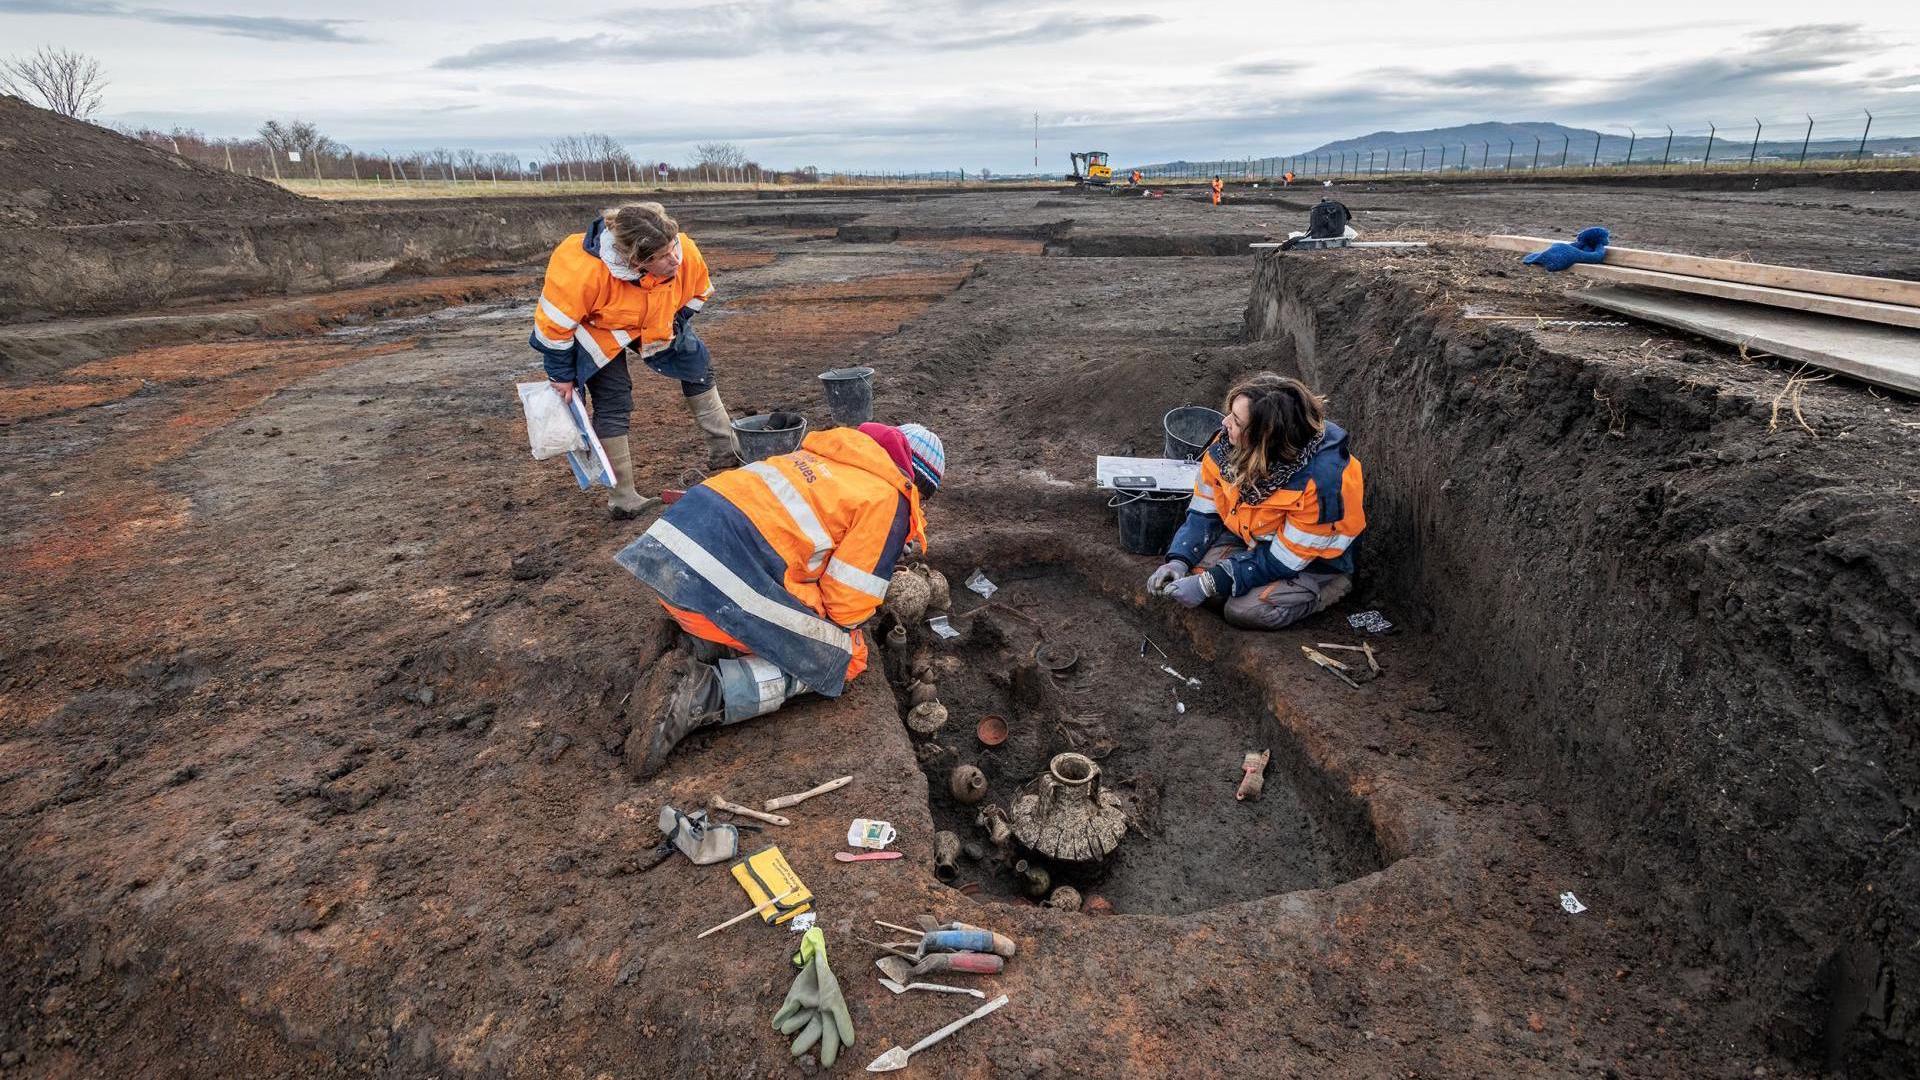 Les archéologues examinent l'enterrement vieux de 2000 ans de l'enfant et du chiot,